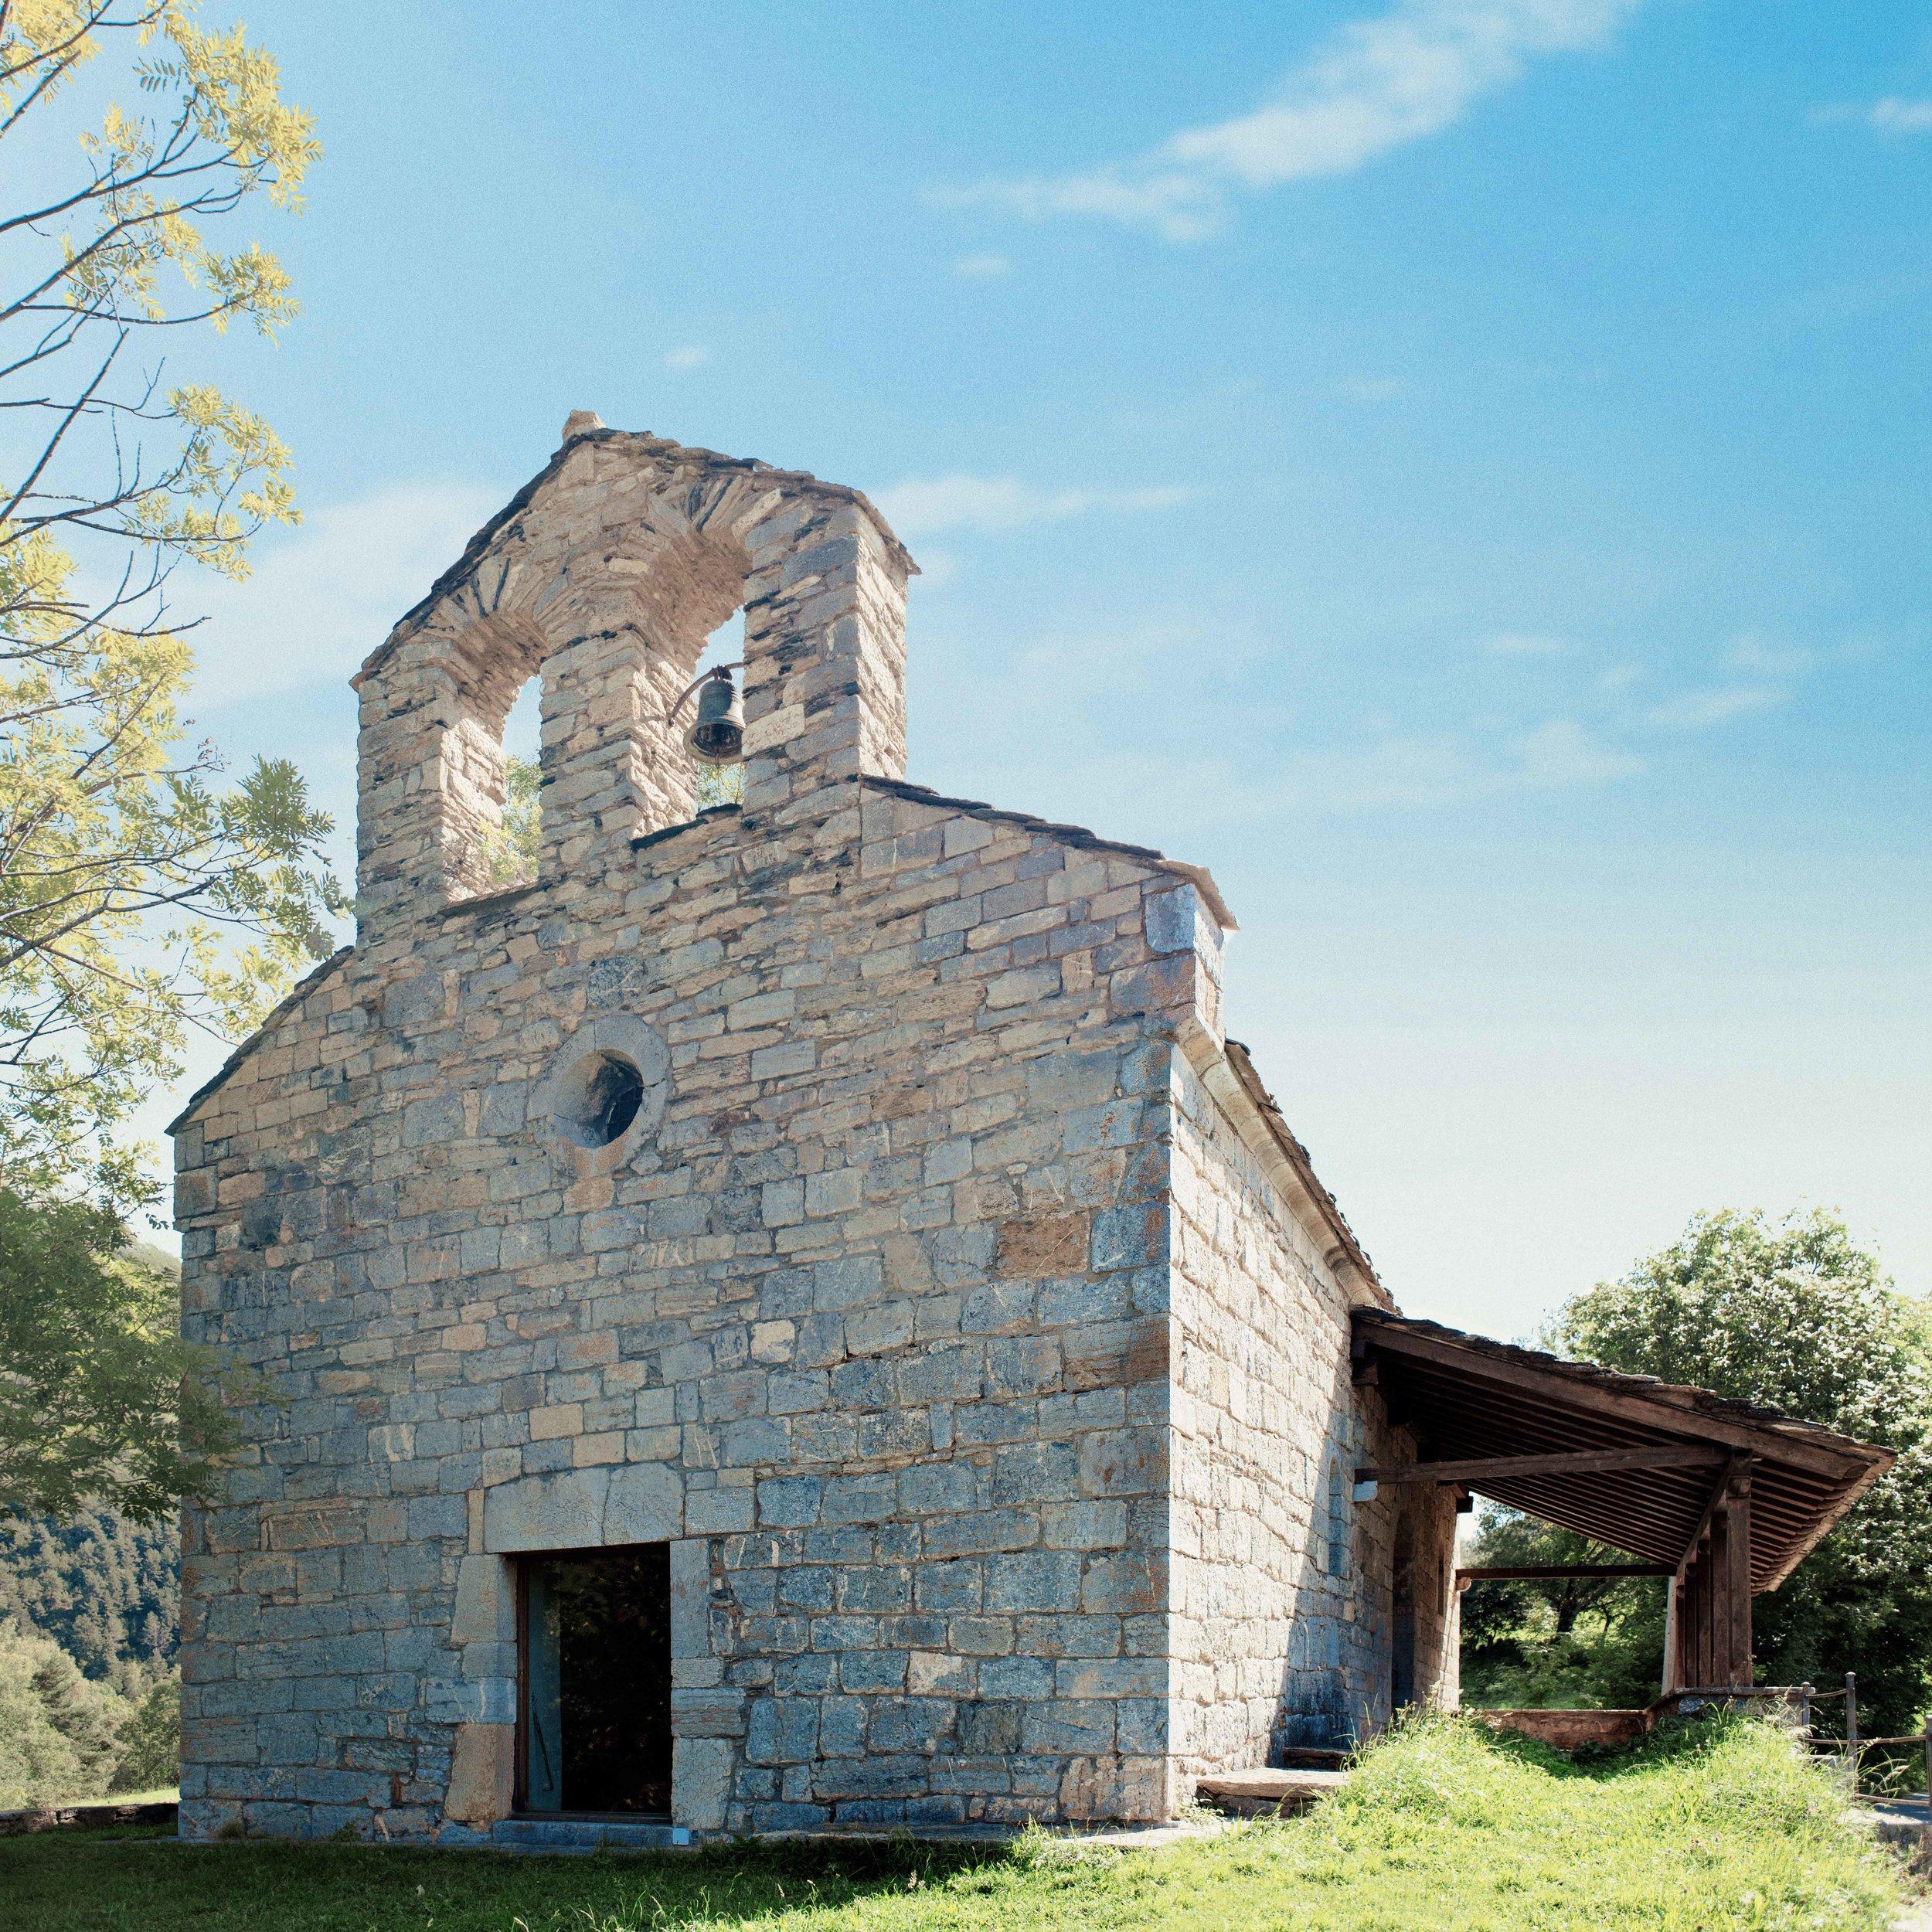 Santa Magdalena de Puigsac  Esta pequeña iglesia románica construida en el siglo XII es un hallazgo para disfrutar de las vistas a la Serra Cavallera y recordar un pasado lejano en el que este punto se convirtió en uno de los epicentros de culto para los habitantes de la zona.